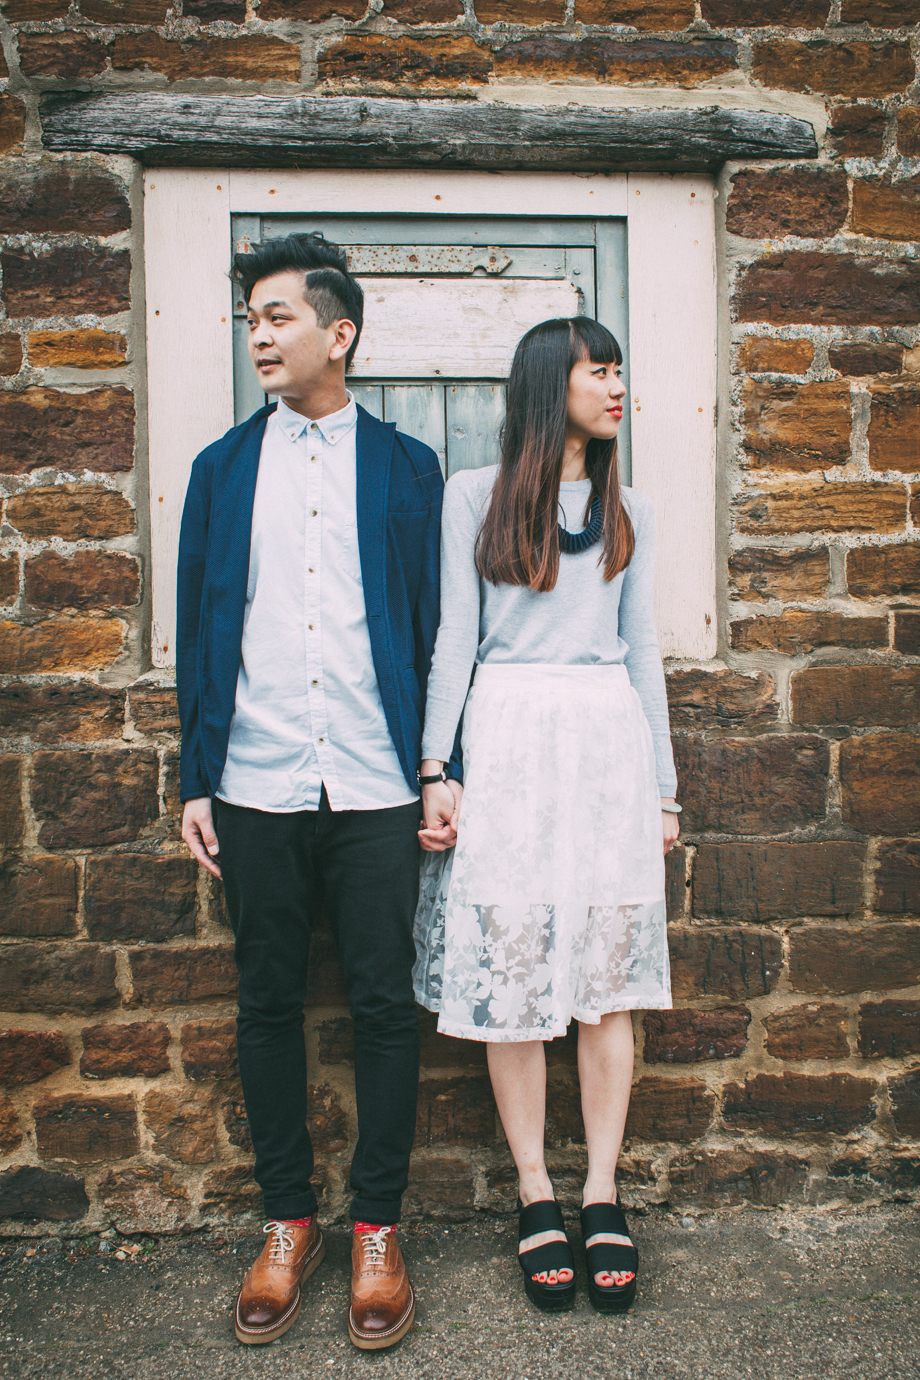 Creative-Pre-Wedding-Photos-20